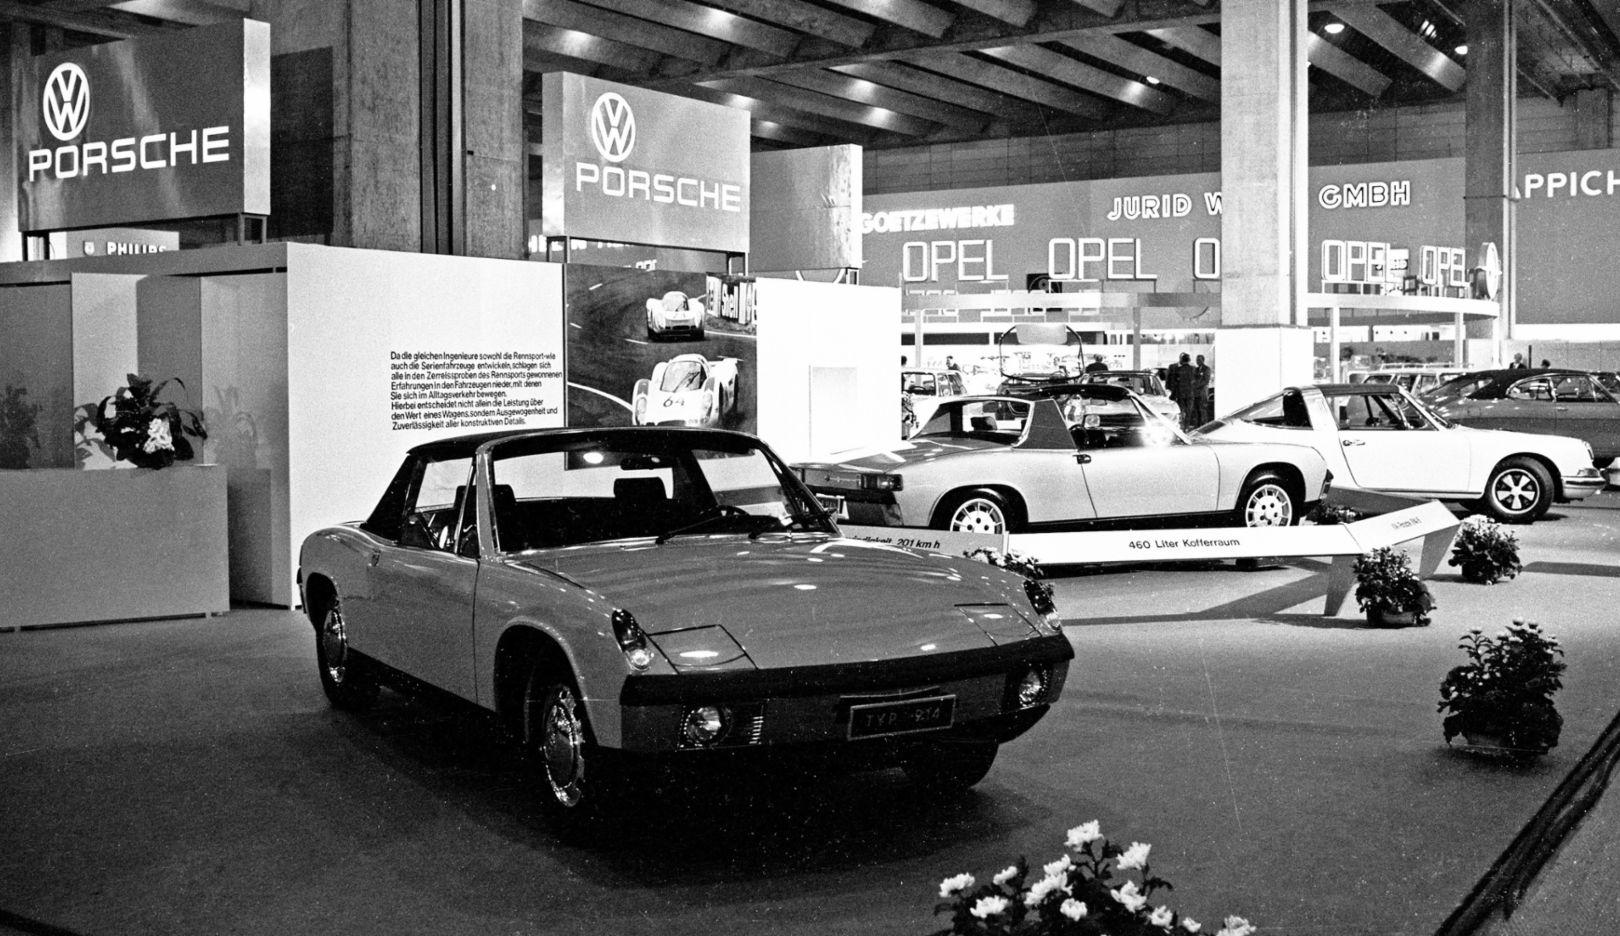 Porsche 914/4, Porsche 914/6, l-r, International Motor Show, Frankfurt, 1969, Porsche AG